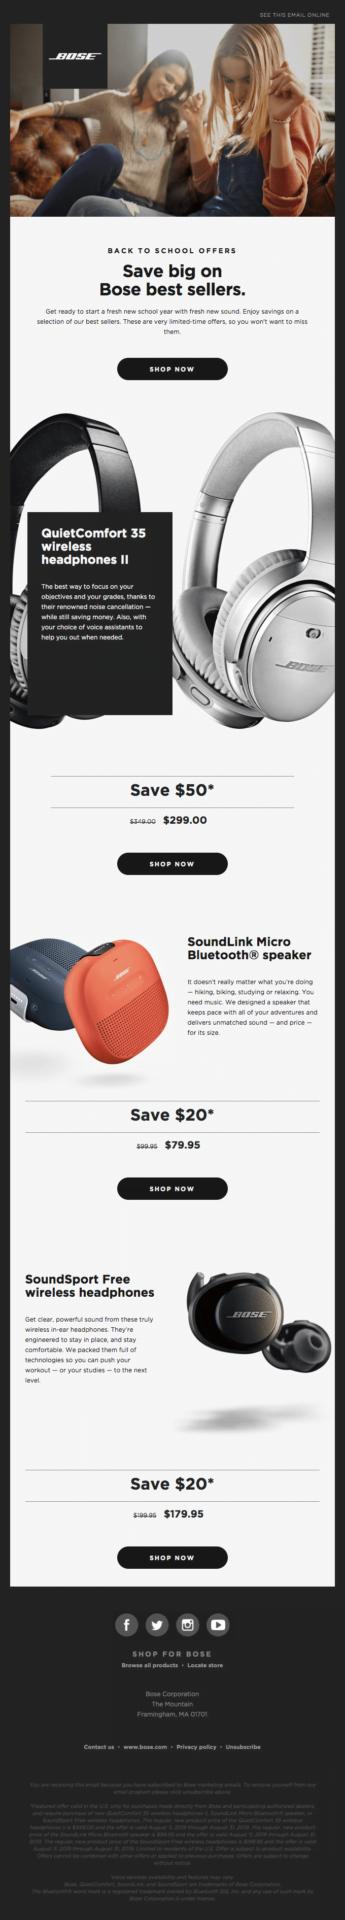 Promo email marketing example: Bose